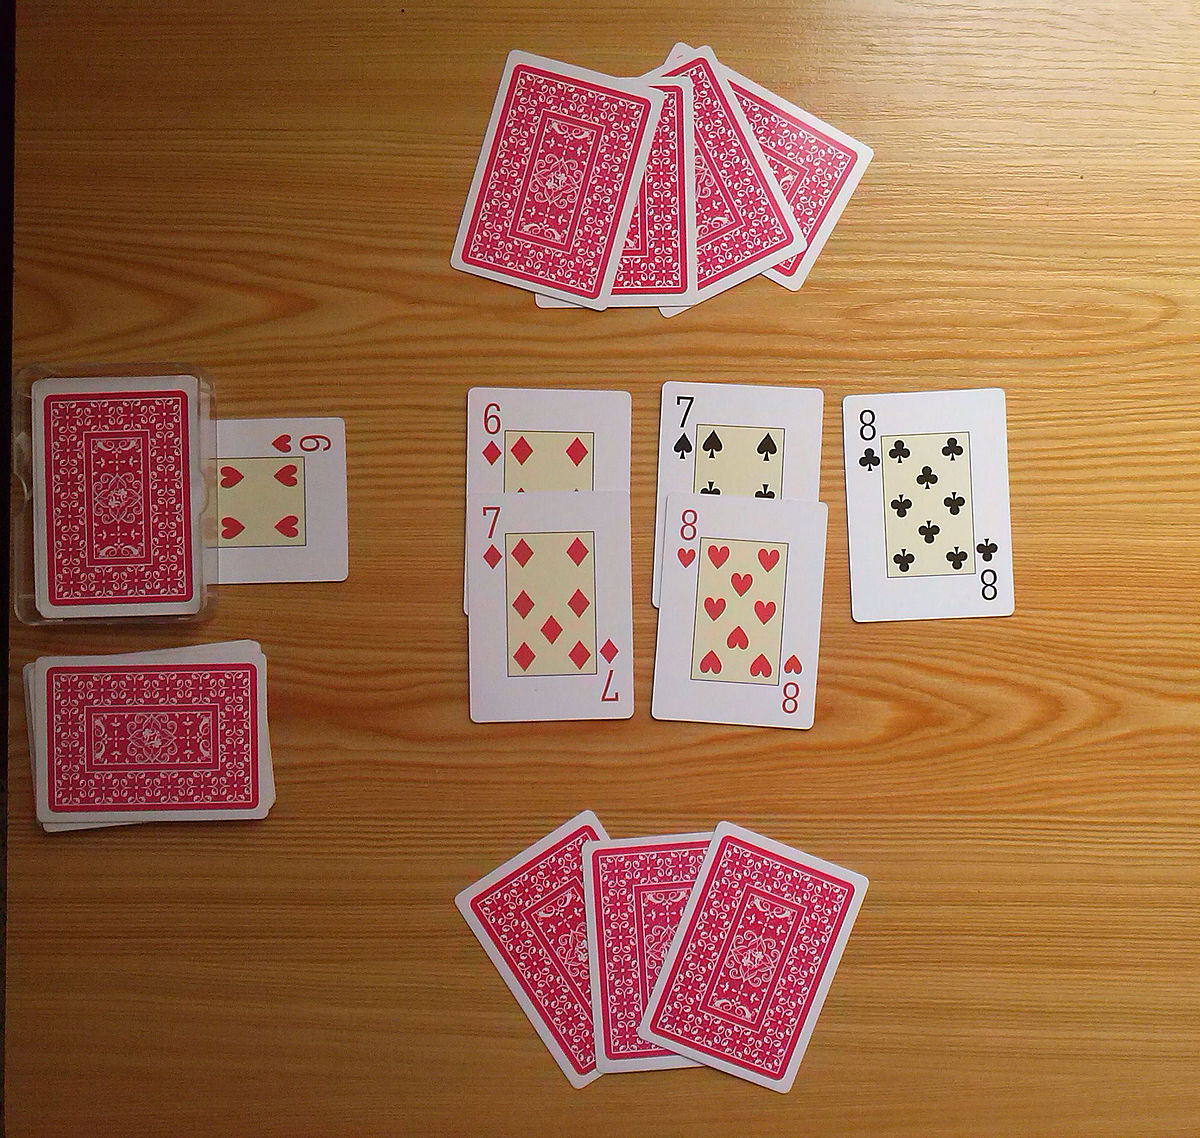 Juego a tres - 3 6